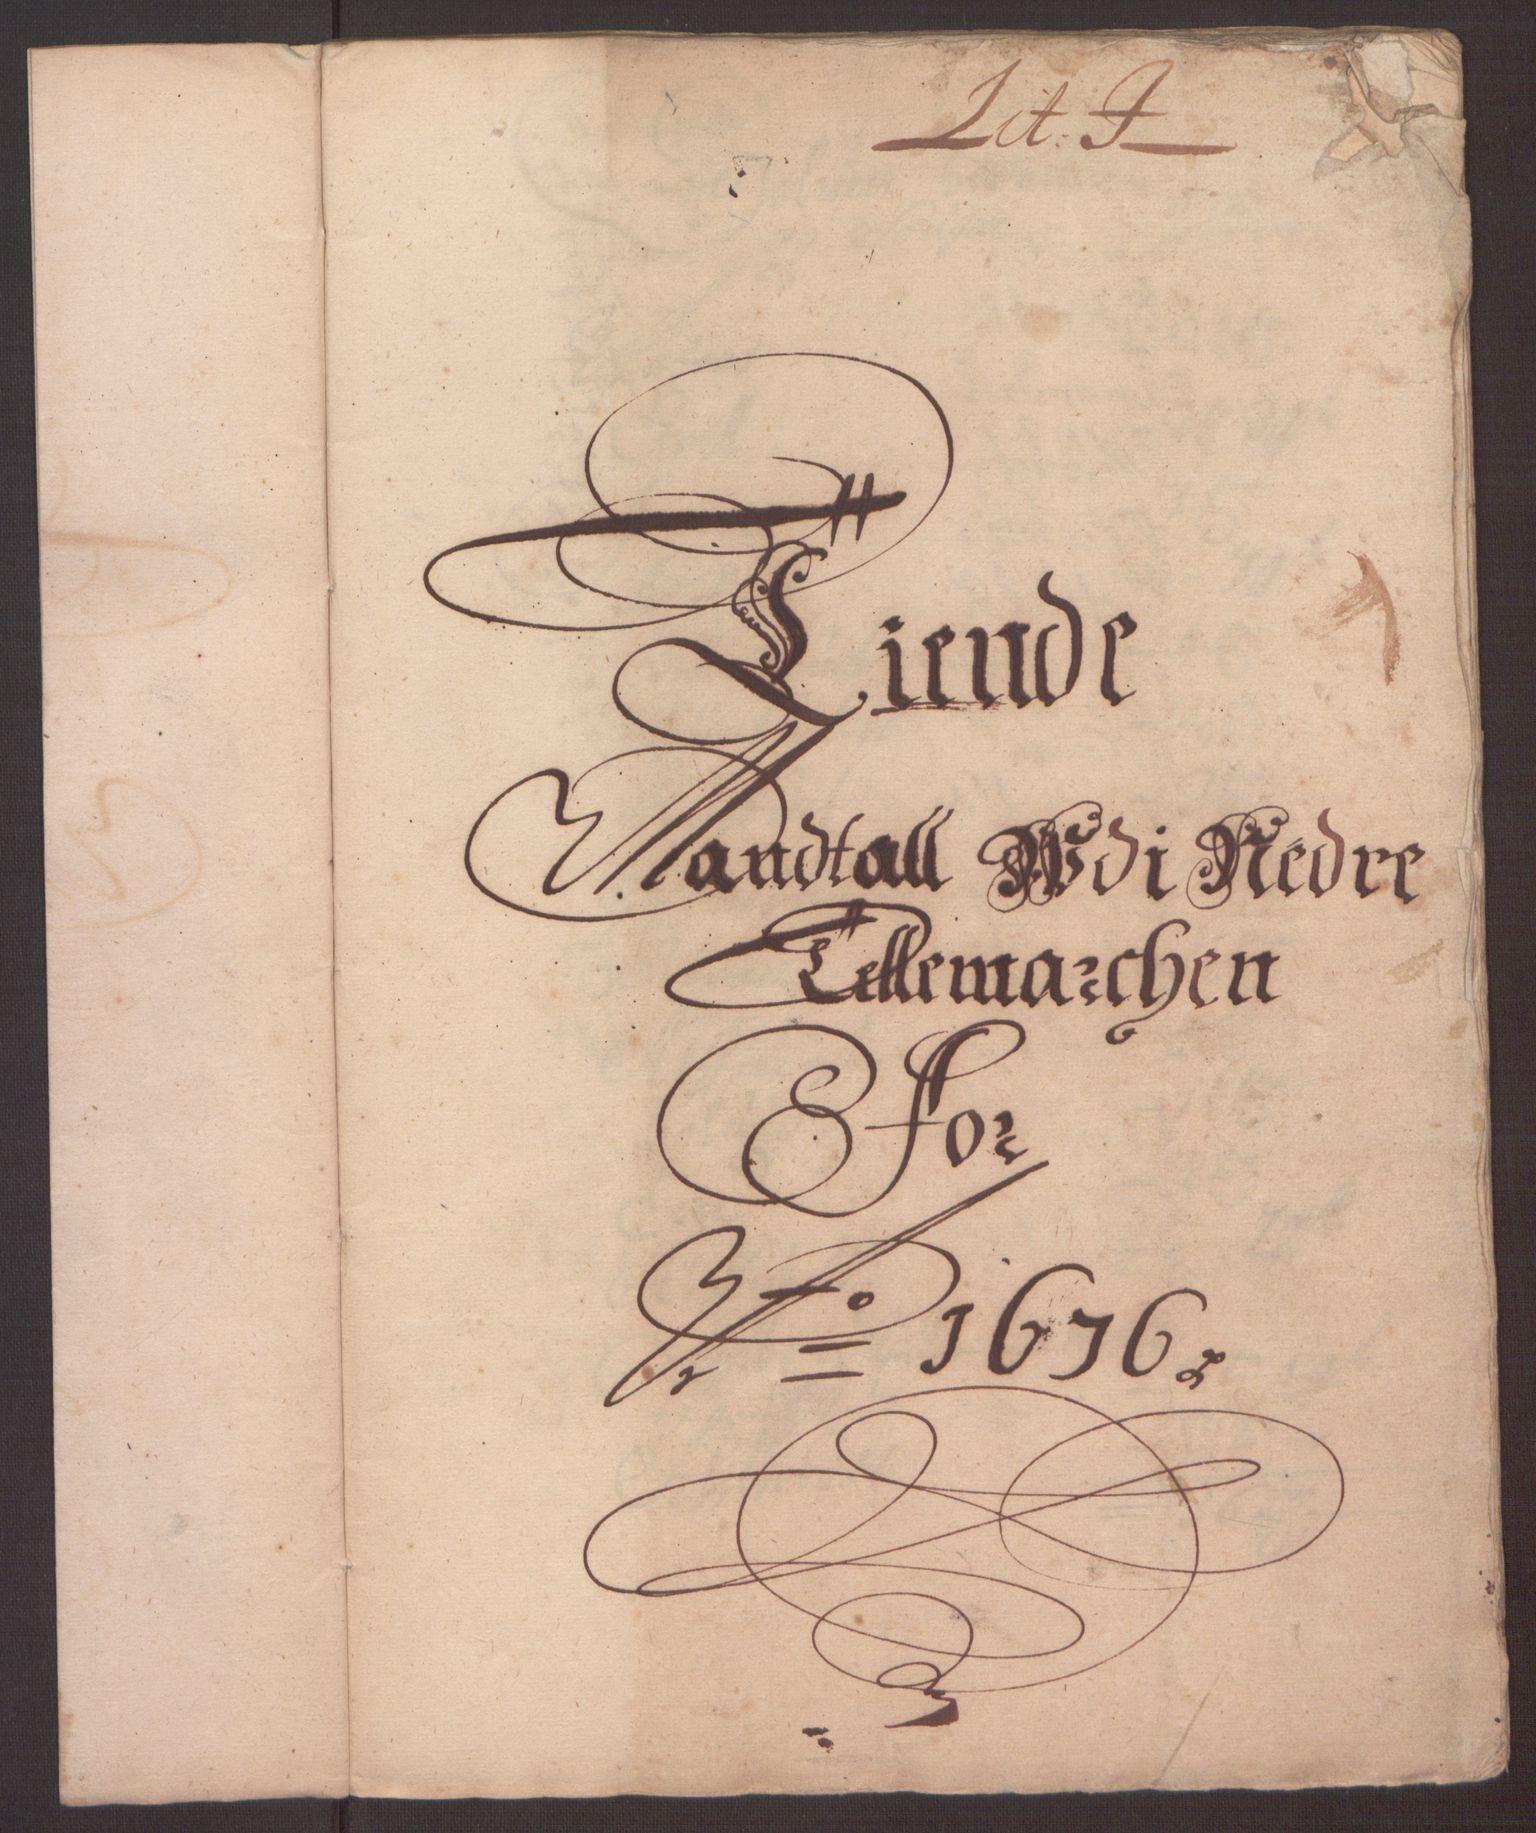 RA, Rentekammeret inntil 1814, Reviderte regnskaper, Fogderegnskap, R35/L2066: Fogderegnskap Øvre og Nedre Telemark, 1676, s. 196